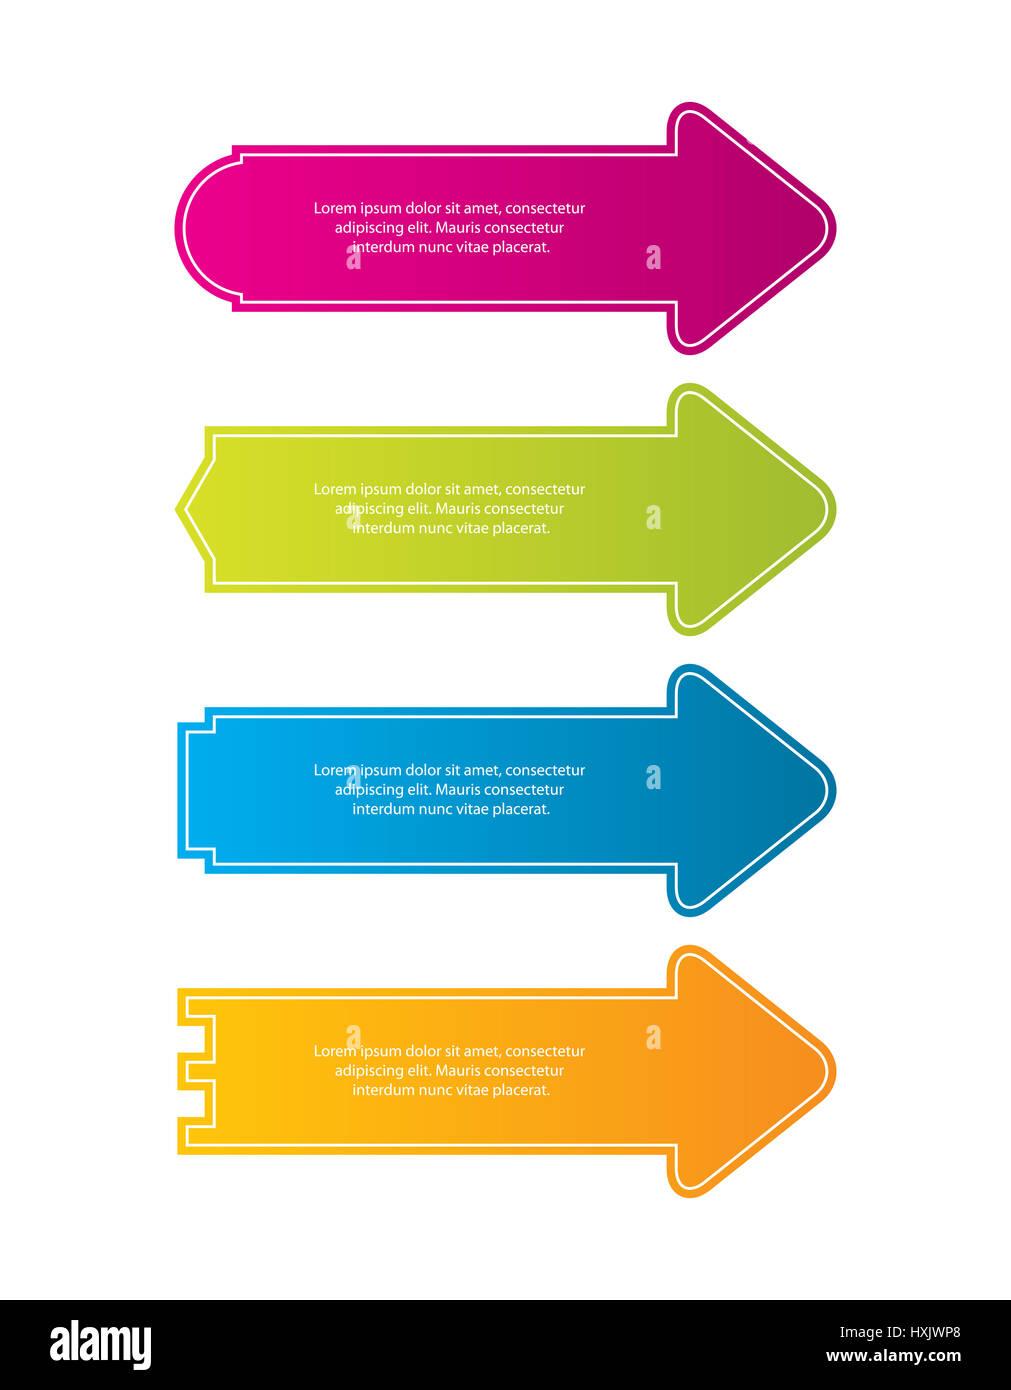 Flecha de color especial pegatinas para sitios web.ilustración vectorial EPS10 Imagen De Stock